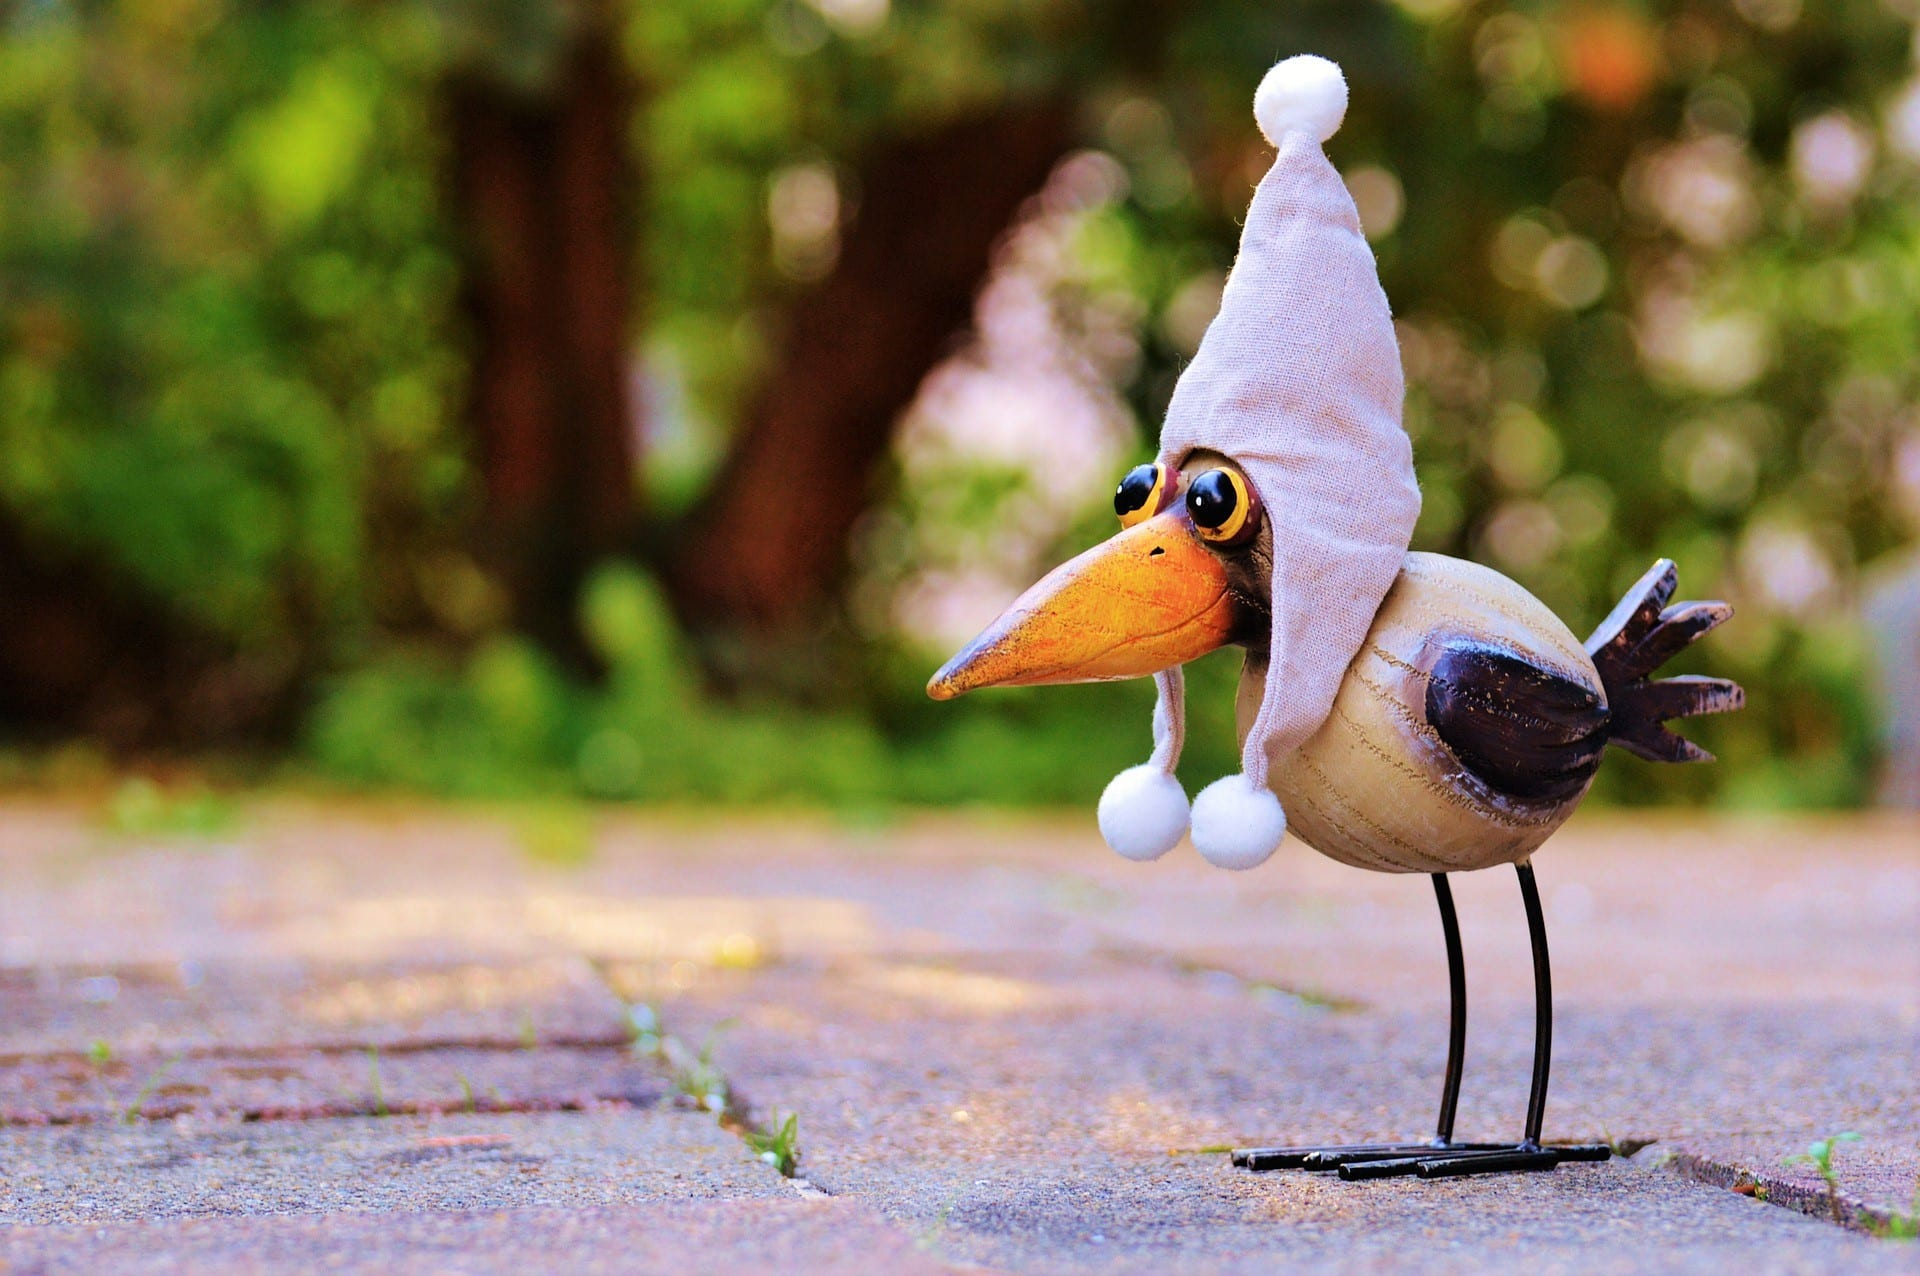 Rabe Socke vermittelt unseren Kindern, dass lügen, mogeln und Tatsachen verdrehen okay ist. Auf www.puddingklecks.de erkläre ich, warum mir der Vogel nicht mehr ins Haus kommt.